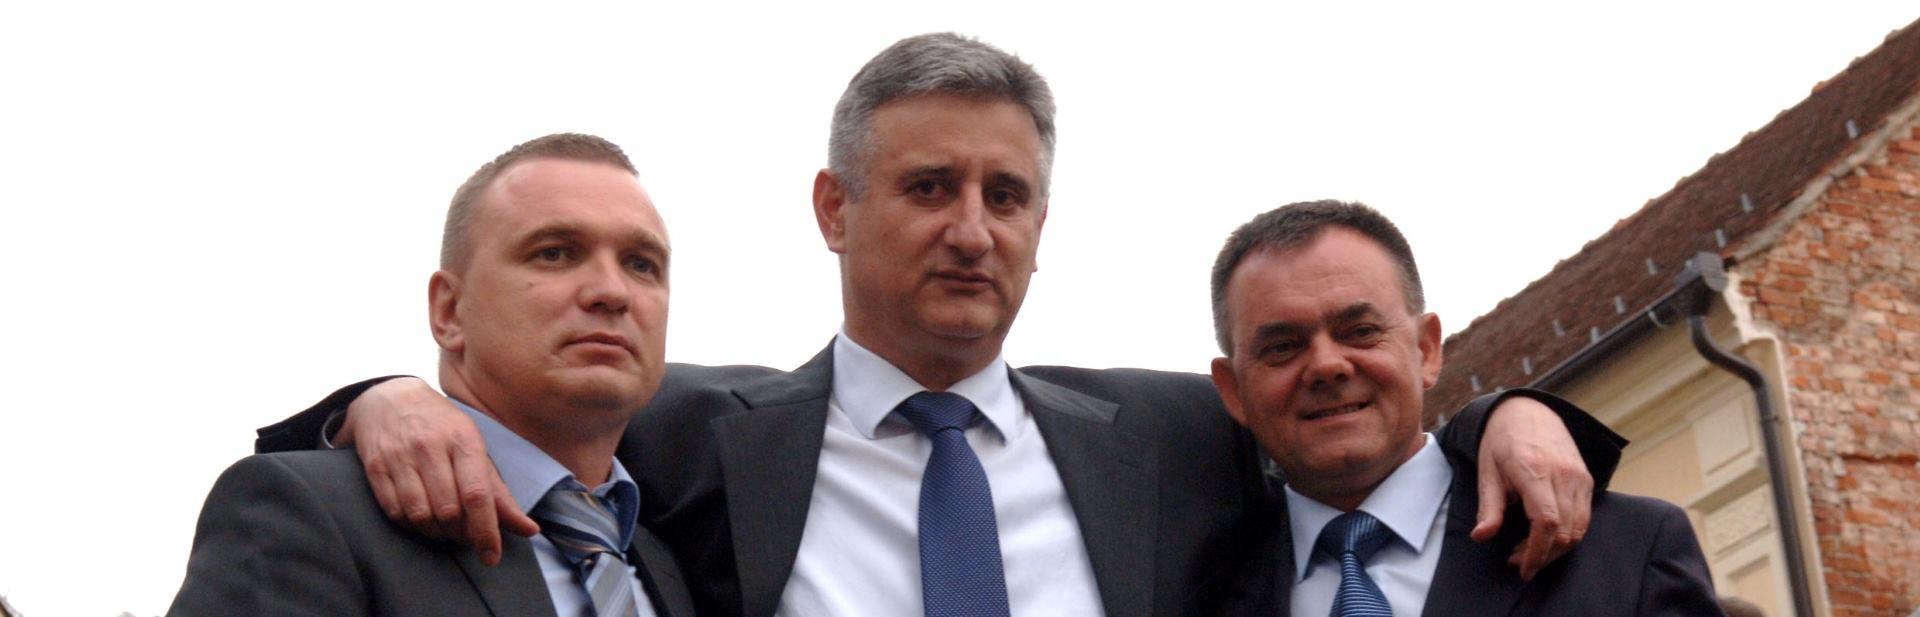 POLITIČKA TRGOVINA HDZ-a U POŽEGI: U zamjenu za glasove požeški gradonačelnik zapošljavao je u gradskim tvrtkama